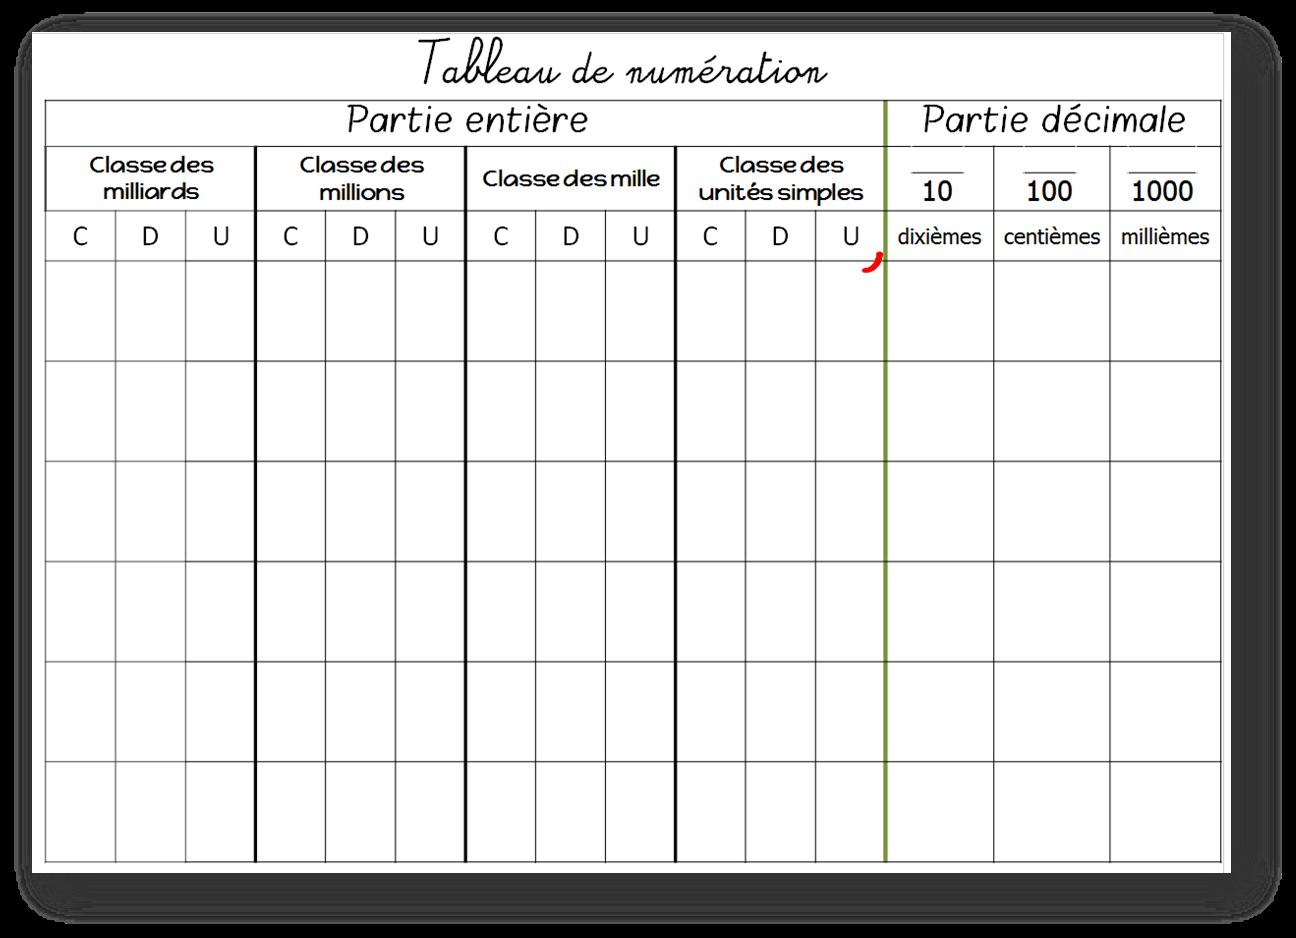 Tableau de numération | Tableau de numération, Tableau des nombres, Tableau  de valeur